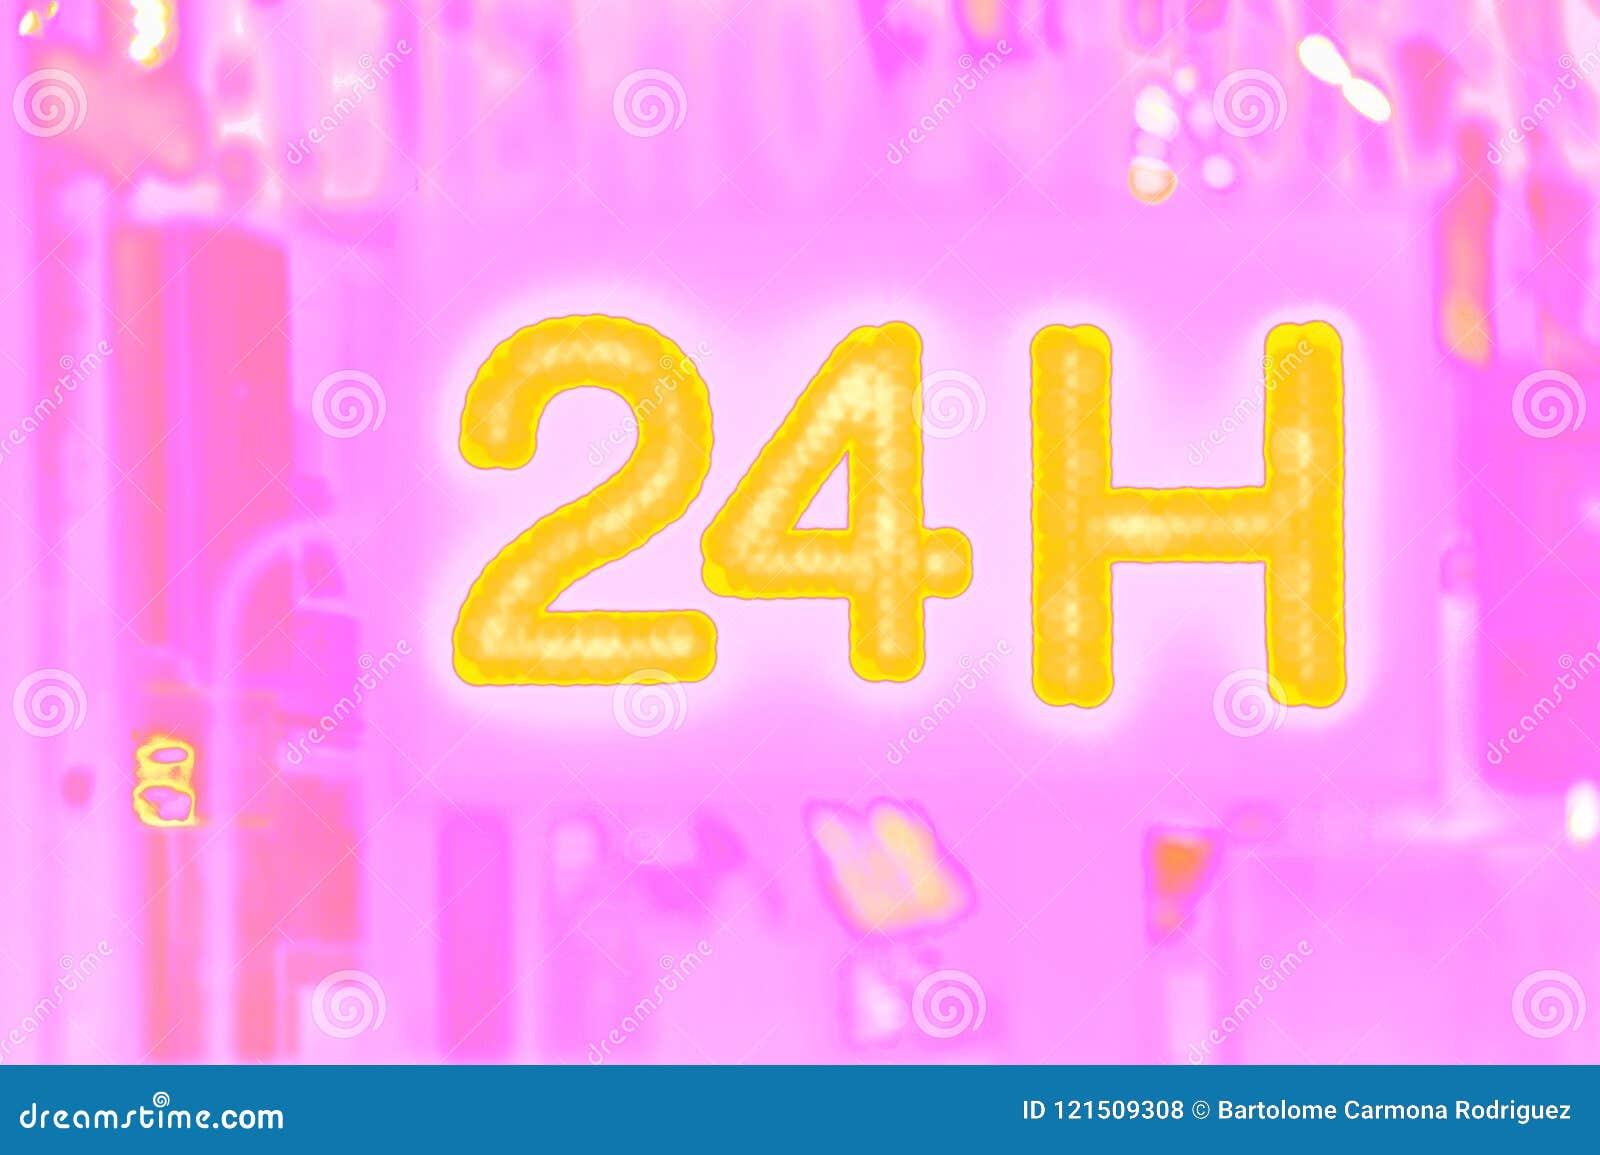 Abra 24 horas, mercado, farmacia, hotel, gasolinera, gasolinera